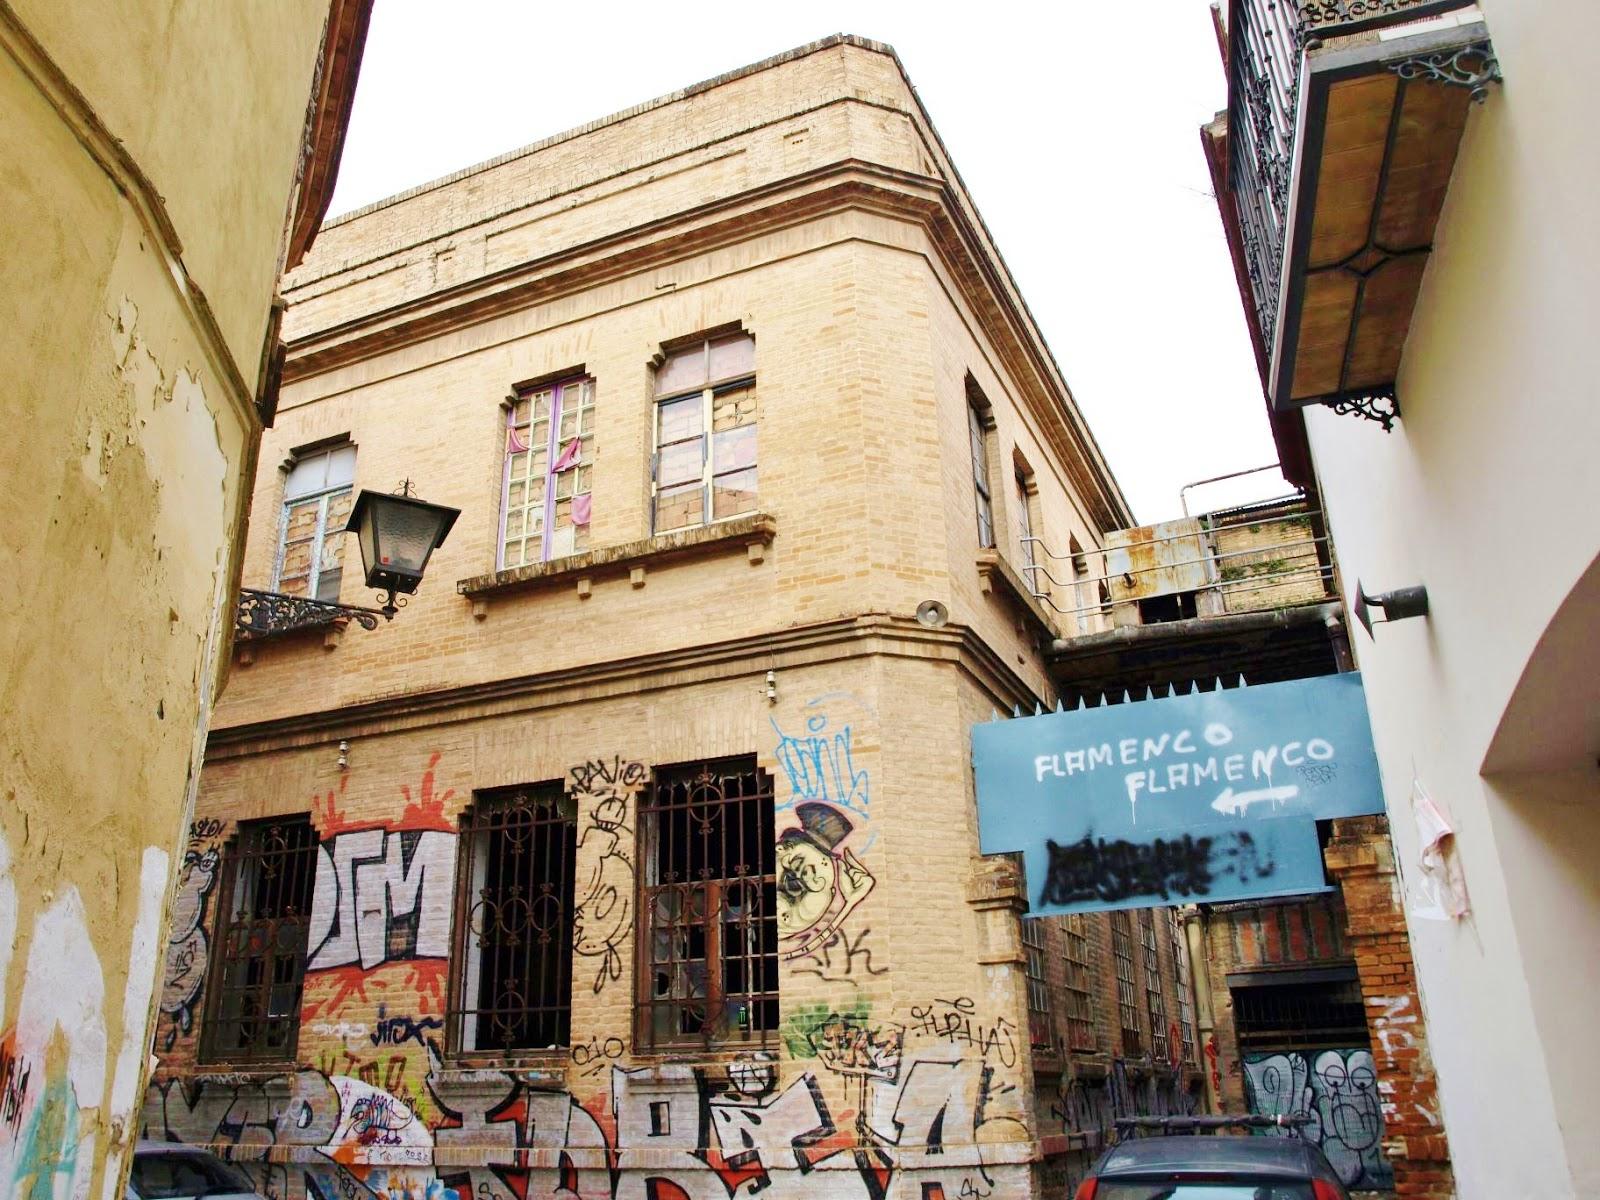 Sevilla daily photo la f brica de sombreros fern ndez roche for La fabrica del mueble sevilla